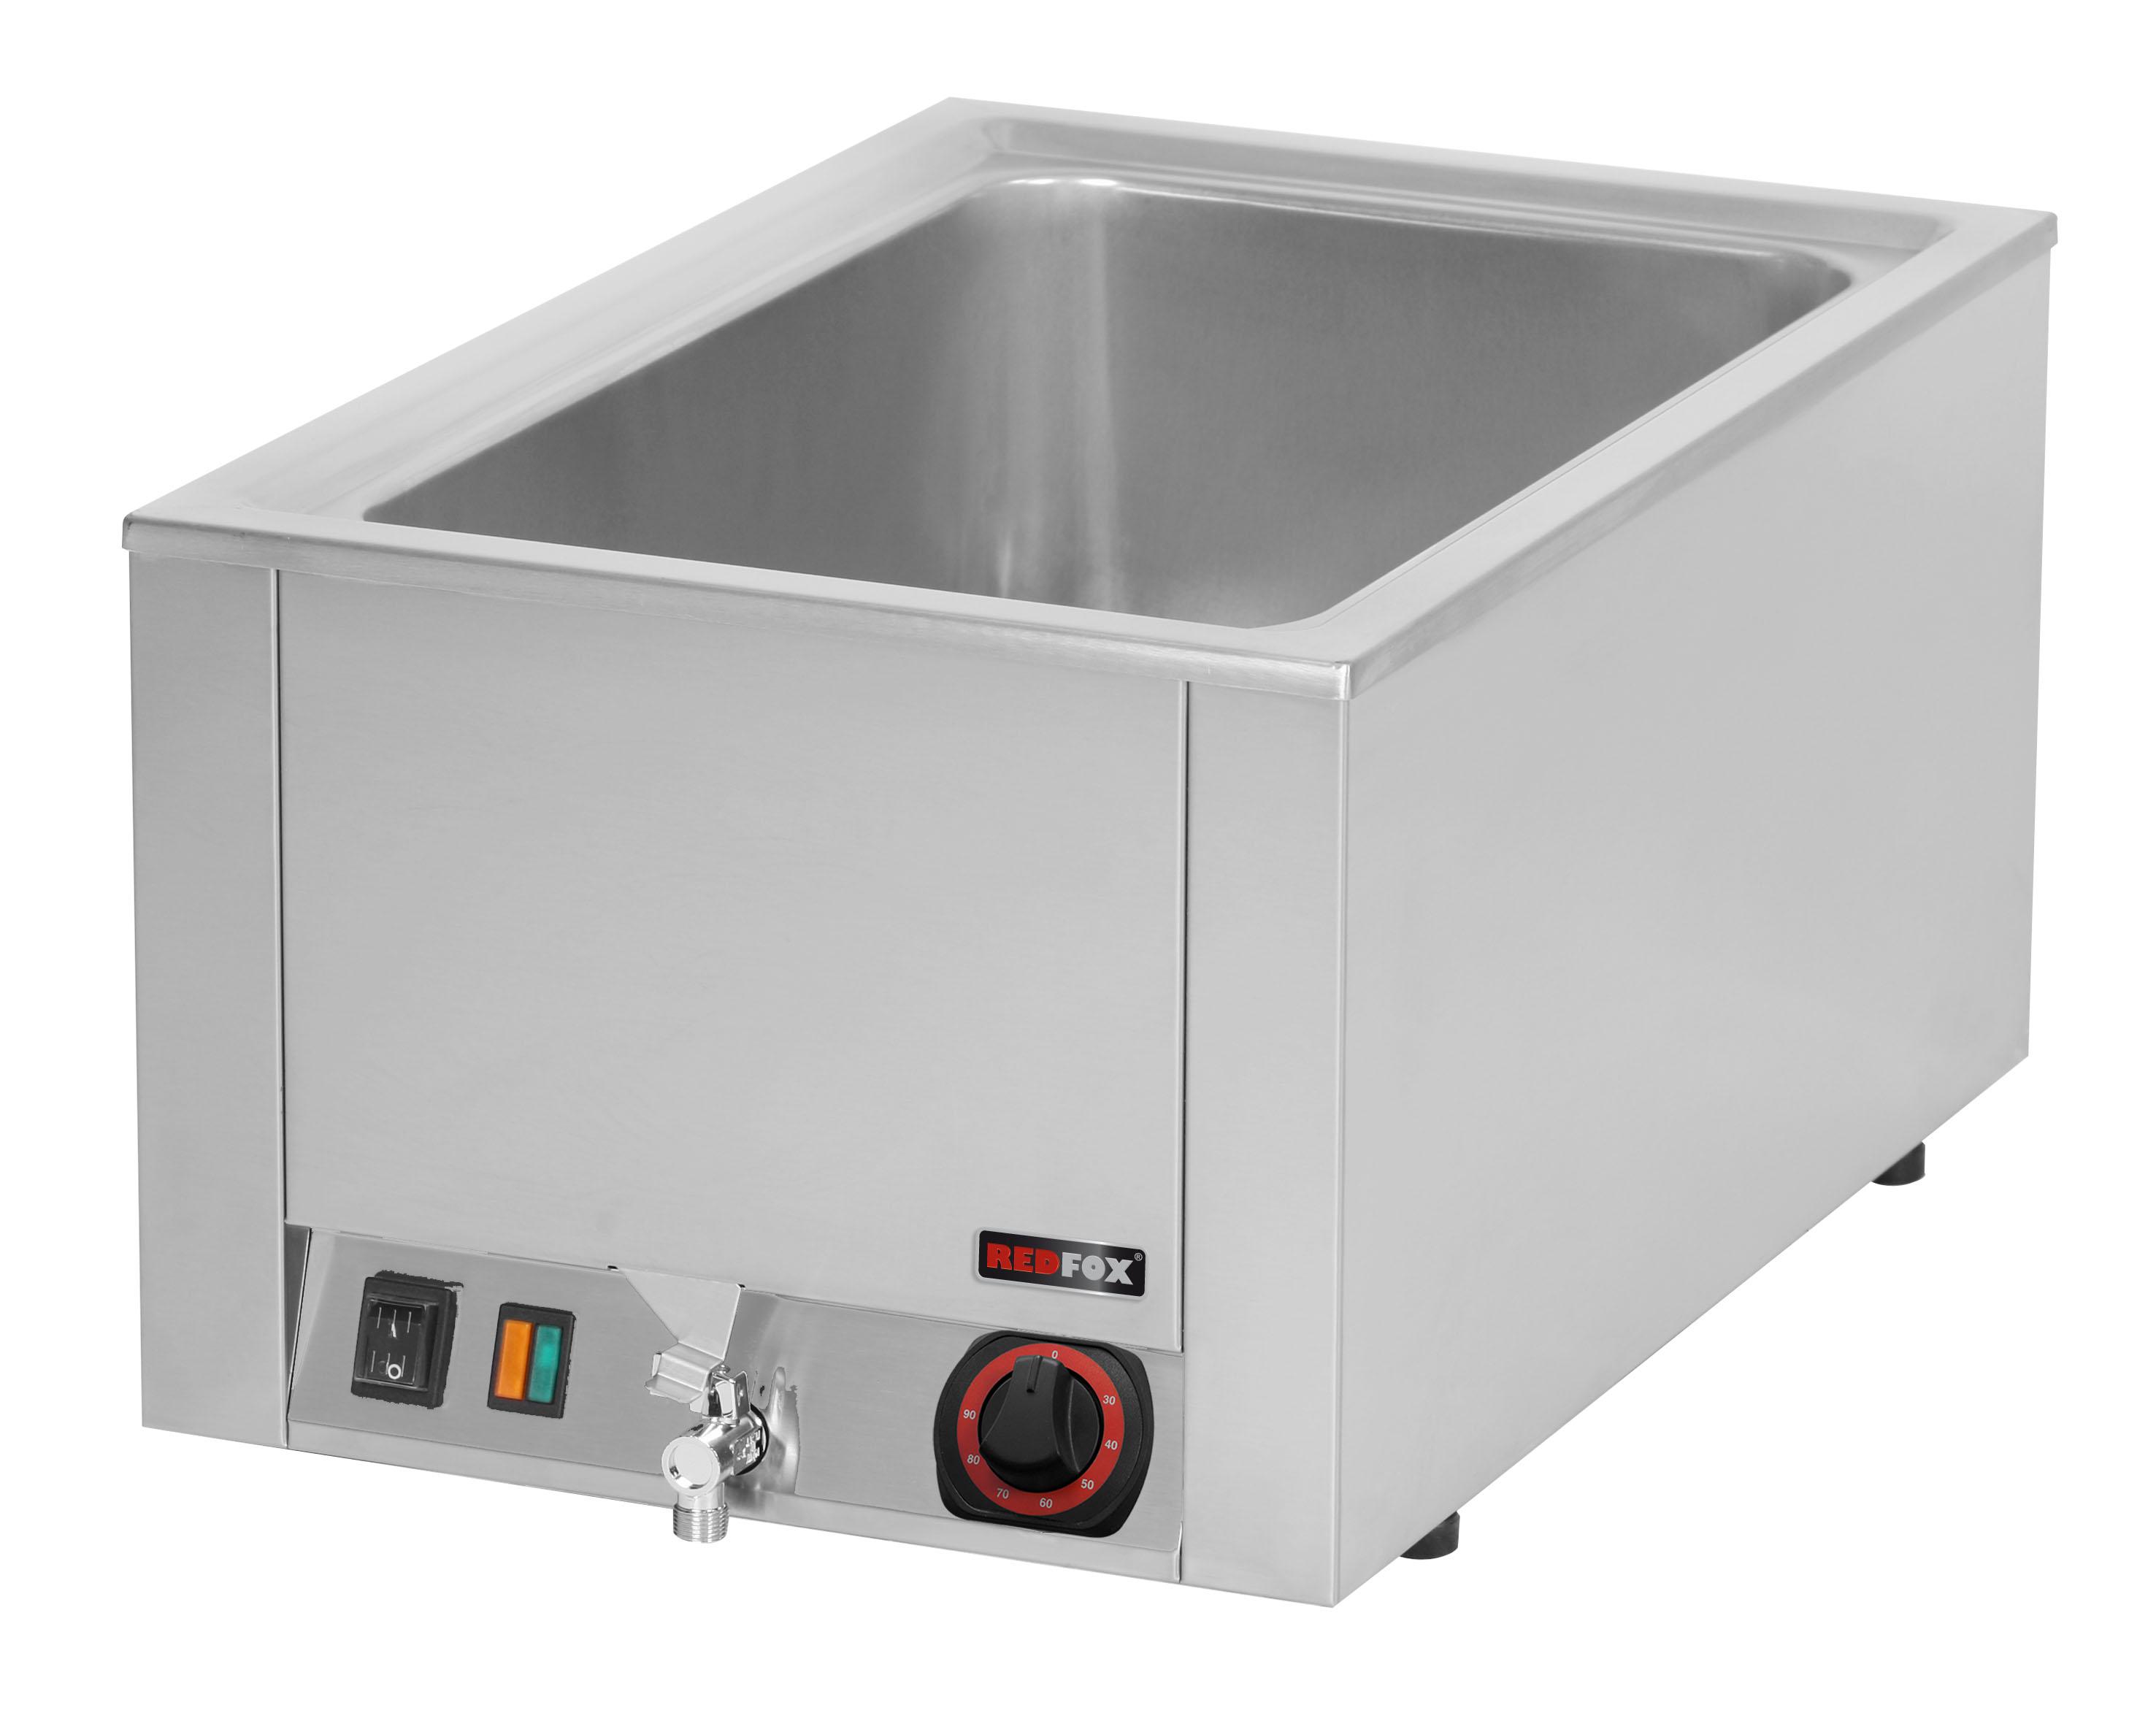 Lázeň vodní elektrická BMV 1120 GN1/1 s výpustí RedFox